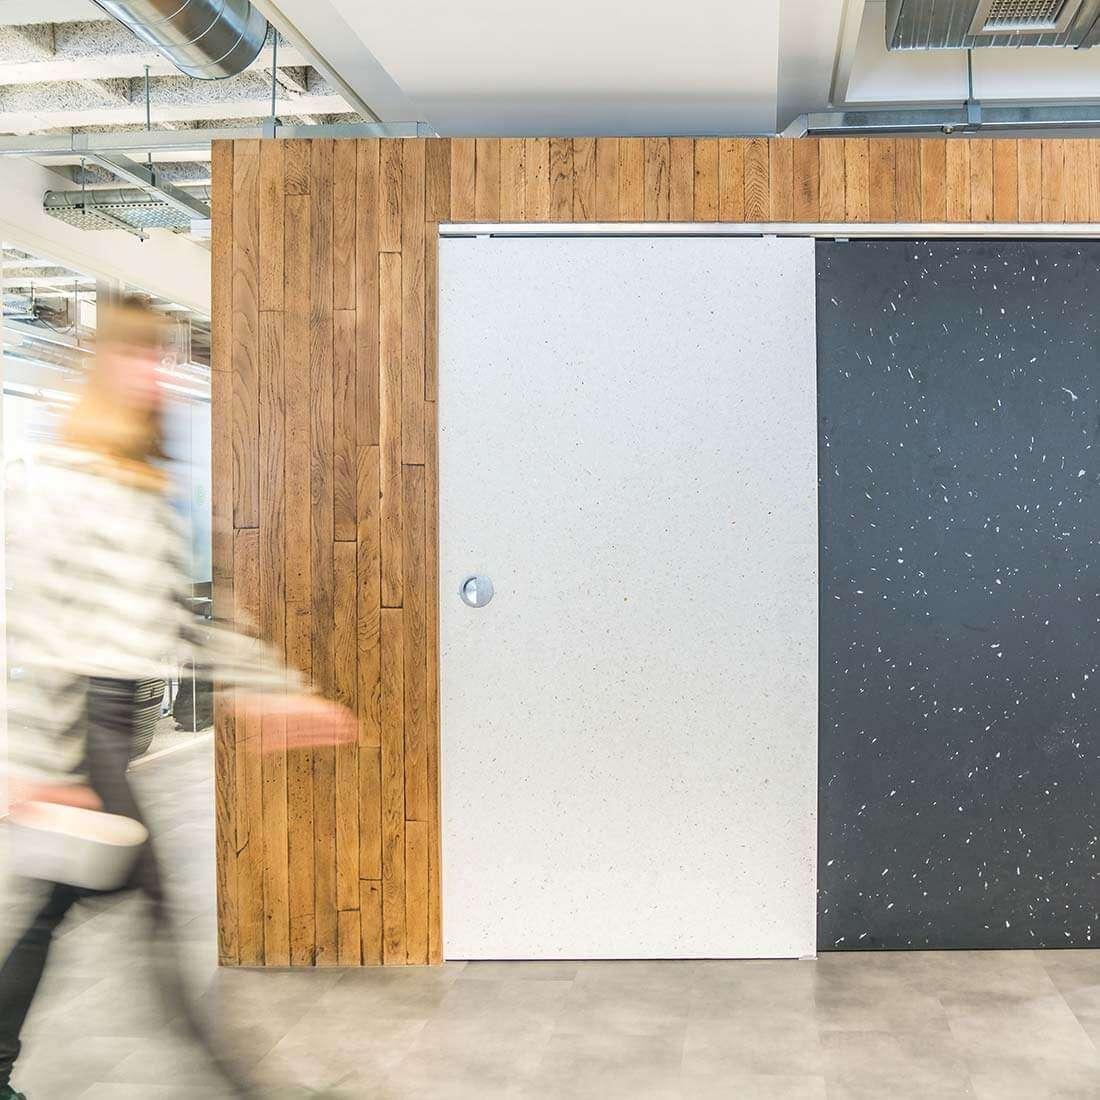 Reclaimed Circular Economy Smile Plastics Interior Fitout